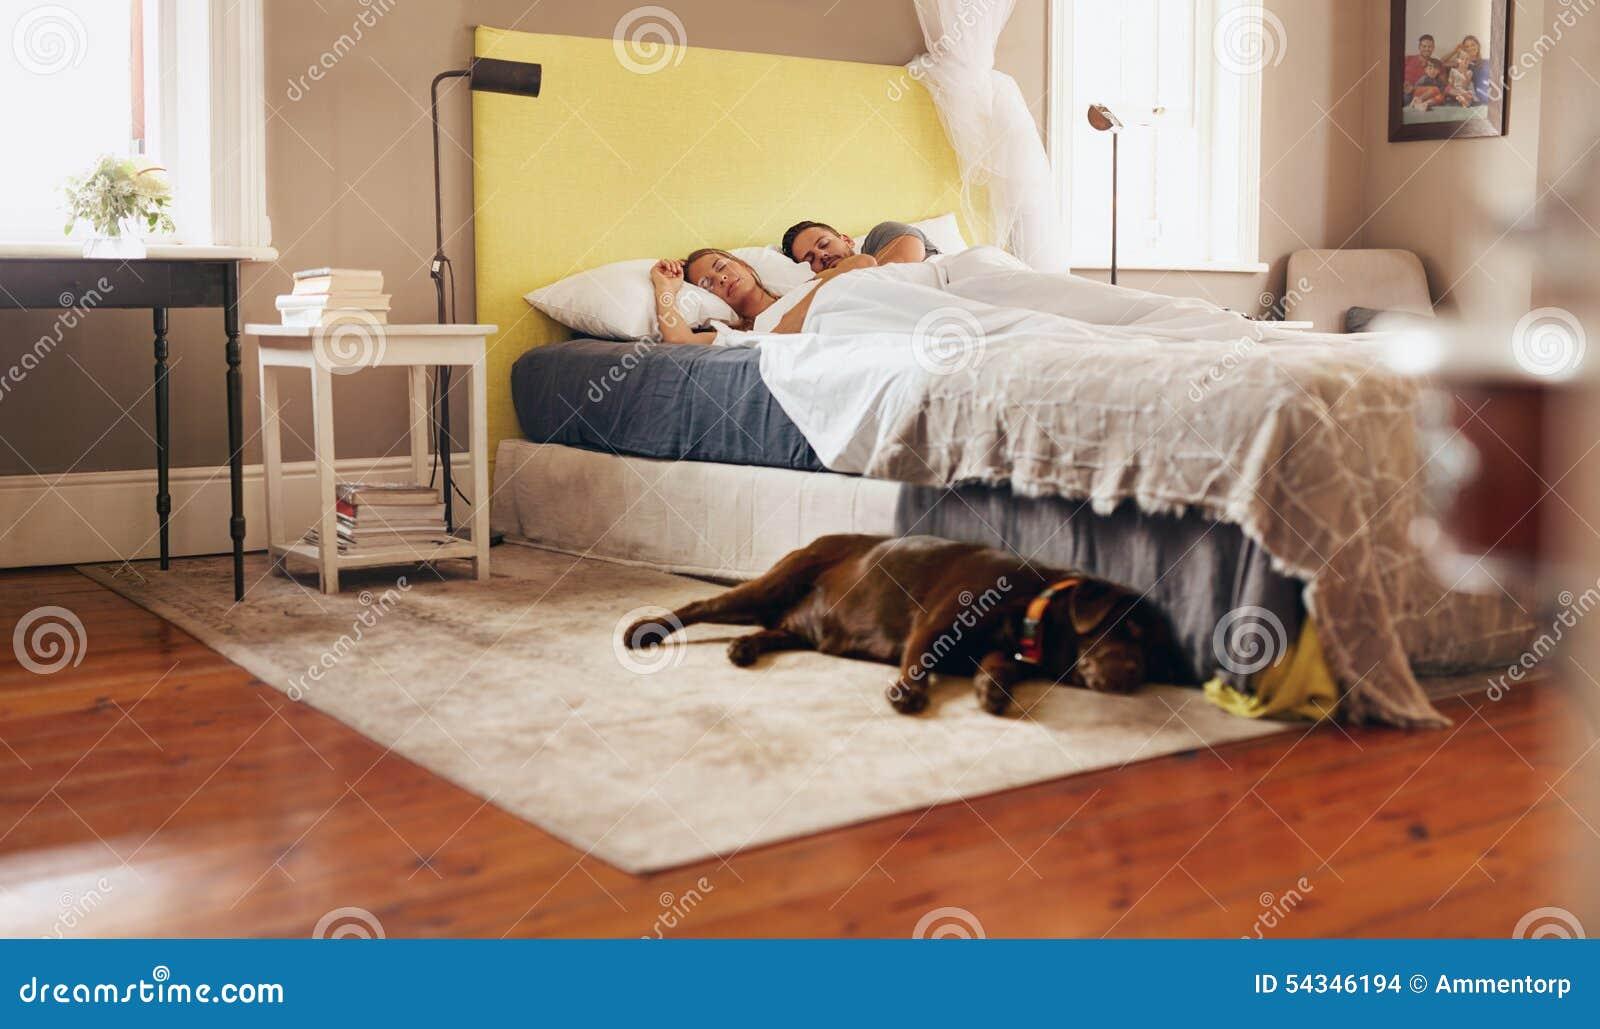 Schlafzimmer Junge :  auf Boden im Schlafzimmer Junge Paare, die bequem auf Bett schlafen